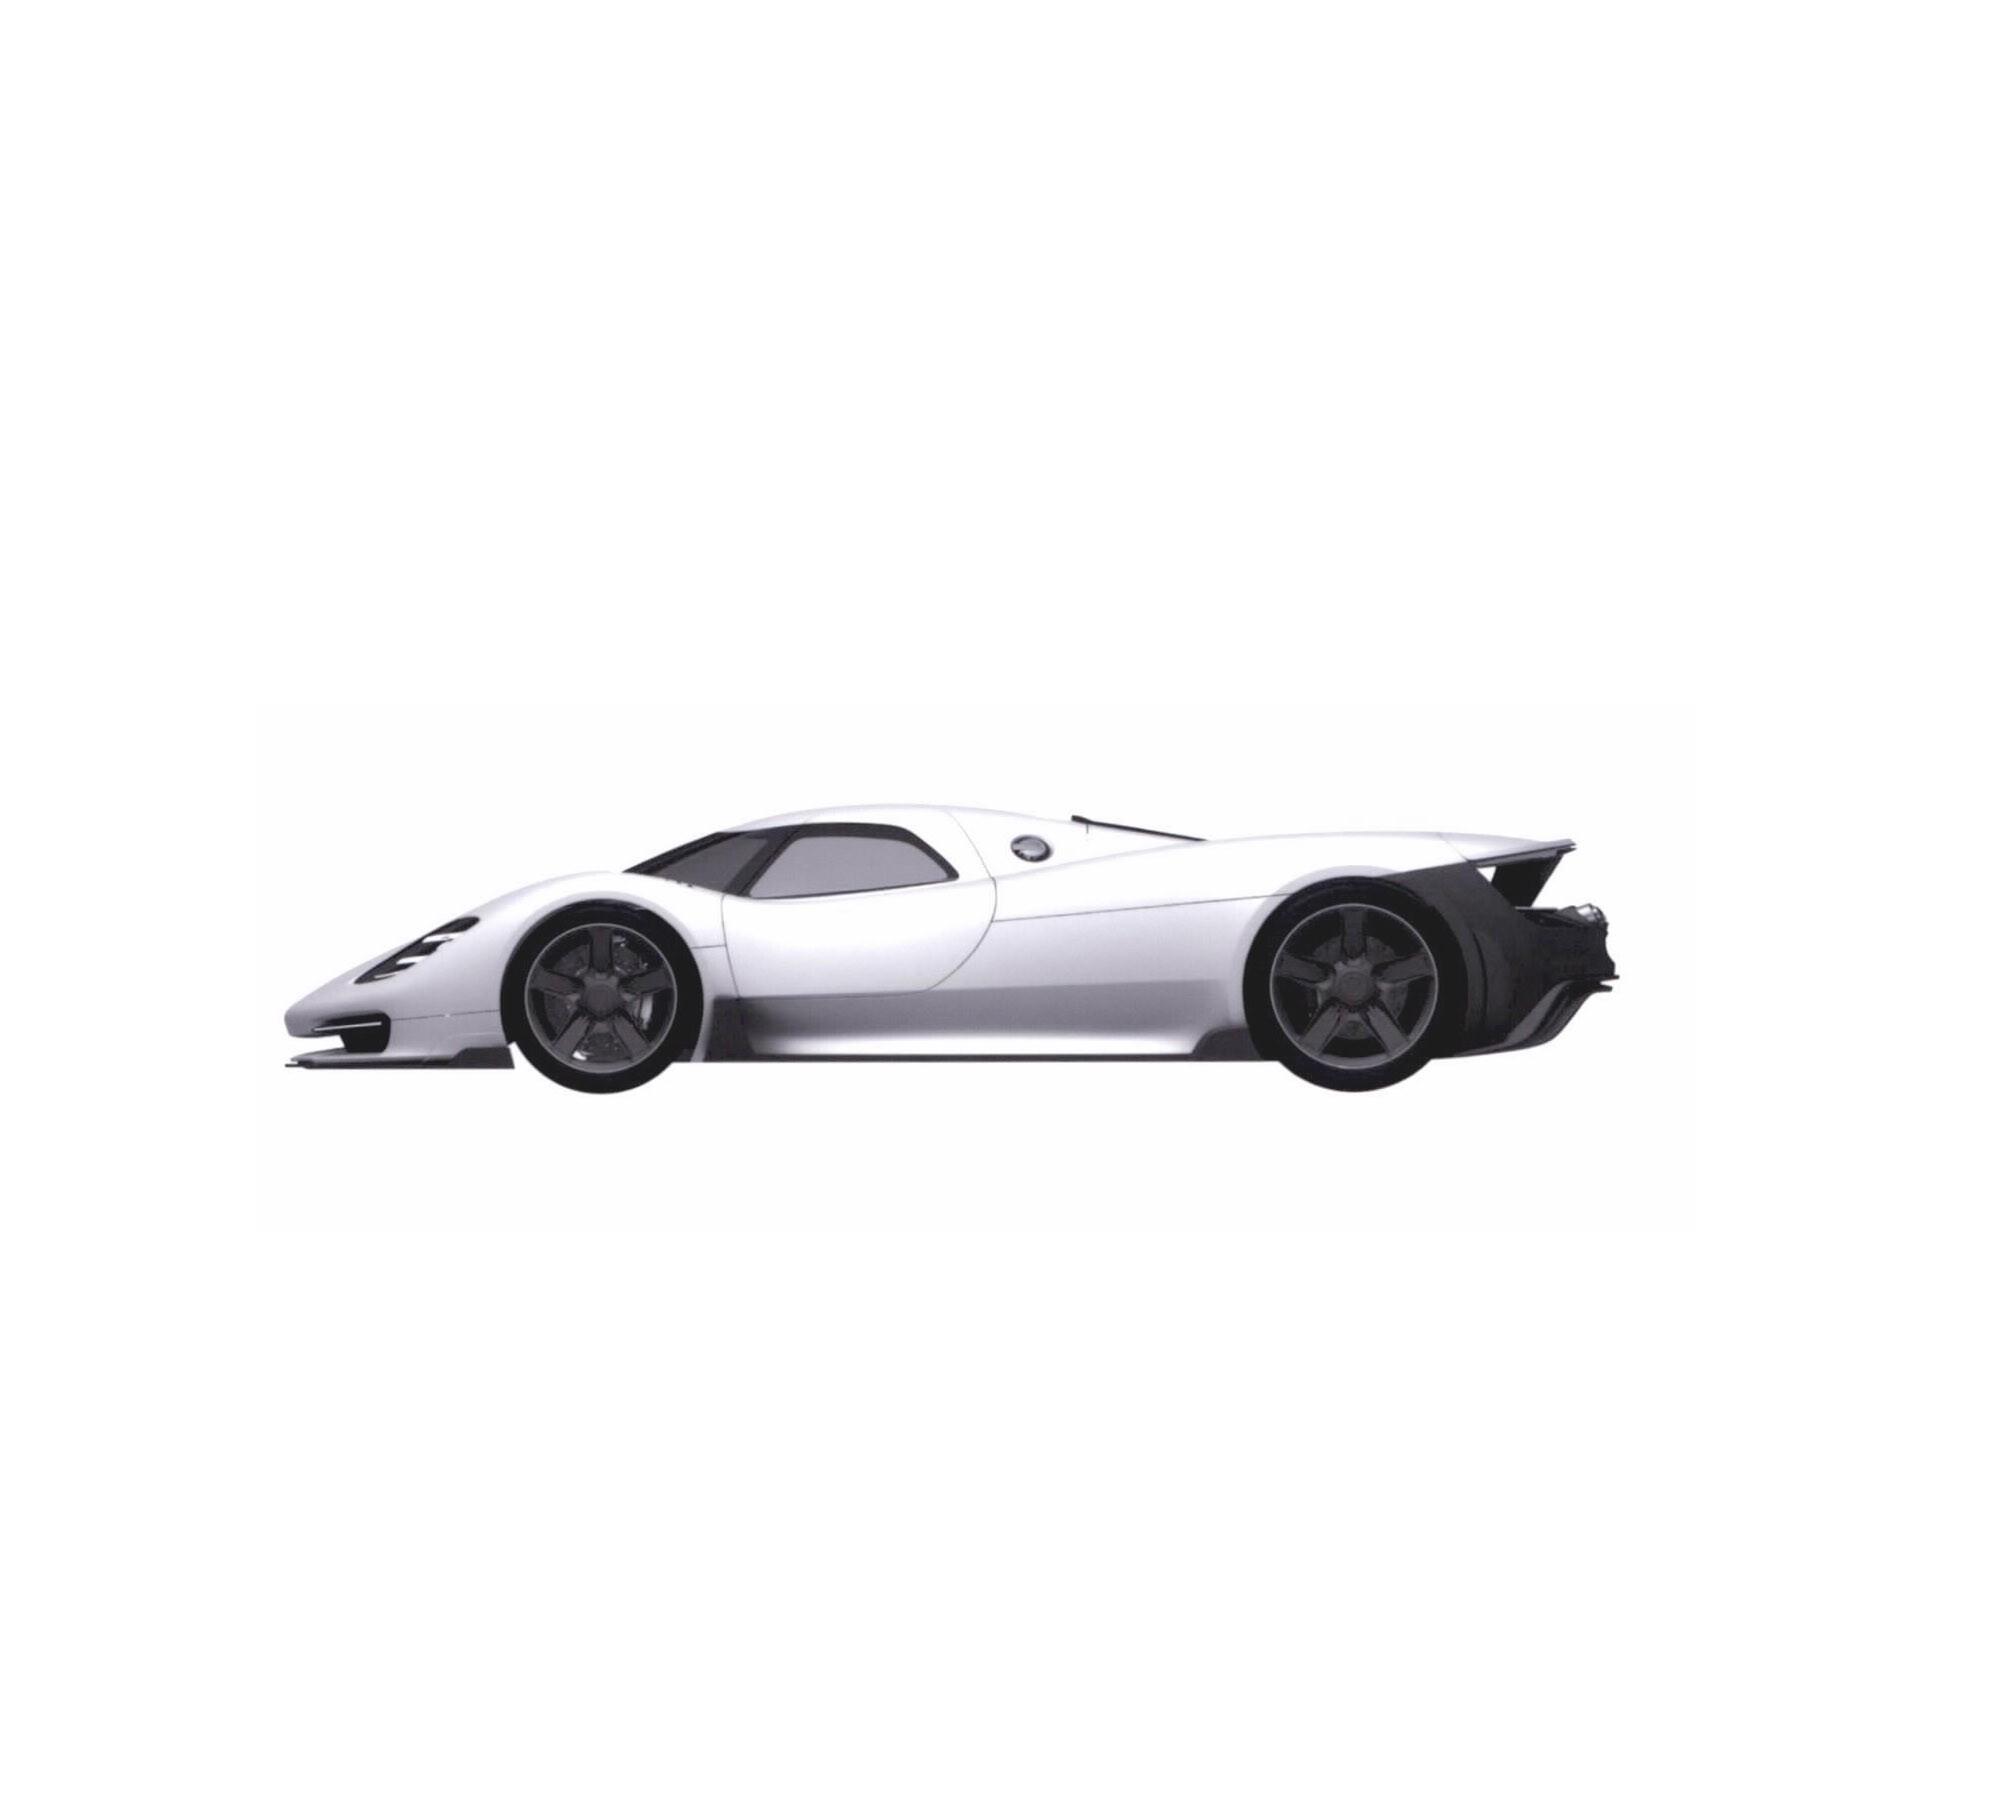 2021 Porsche 960 New Concept